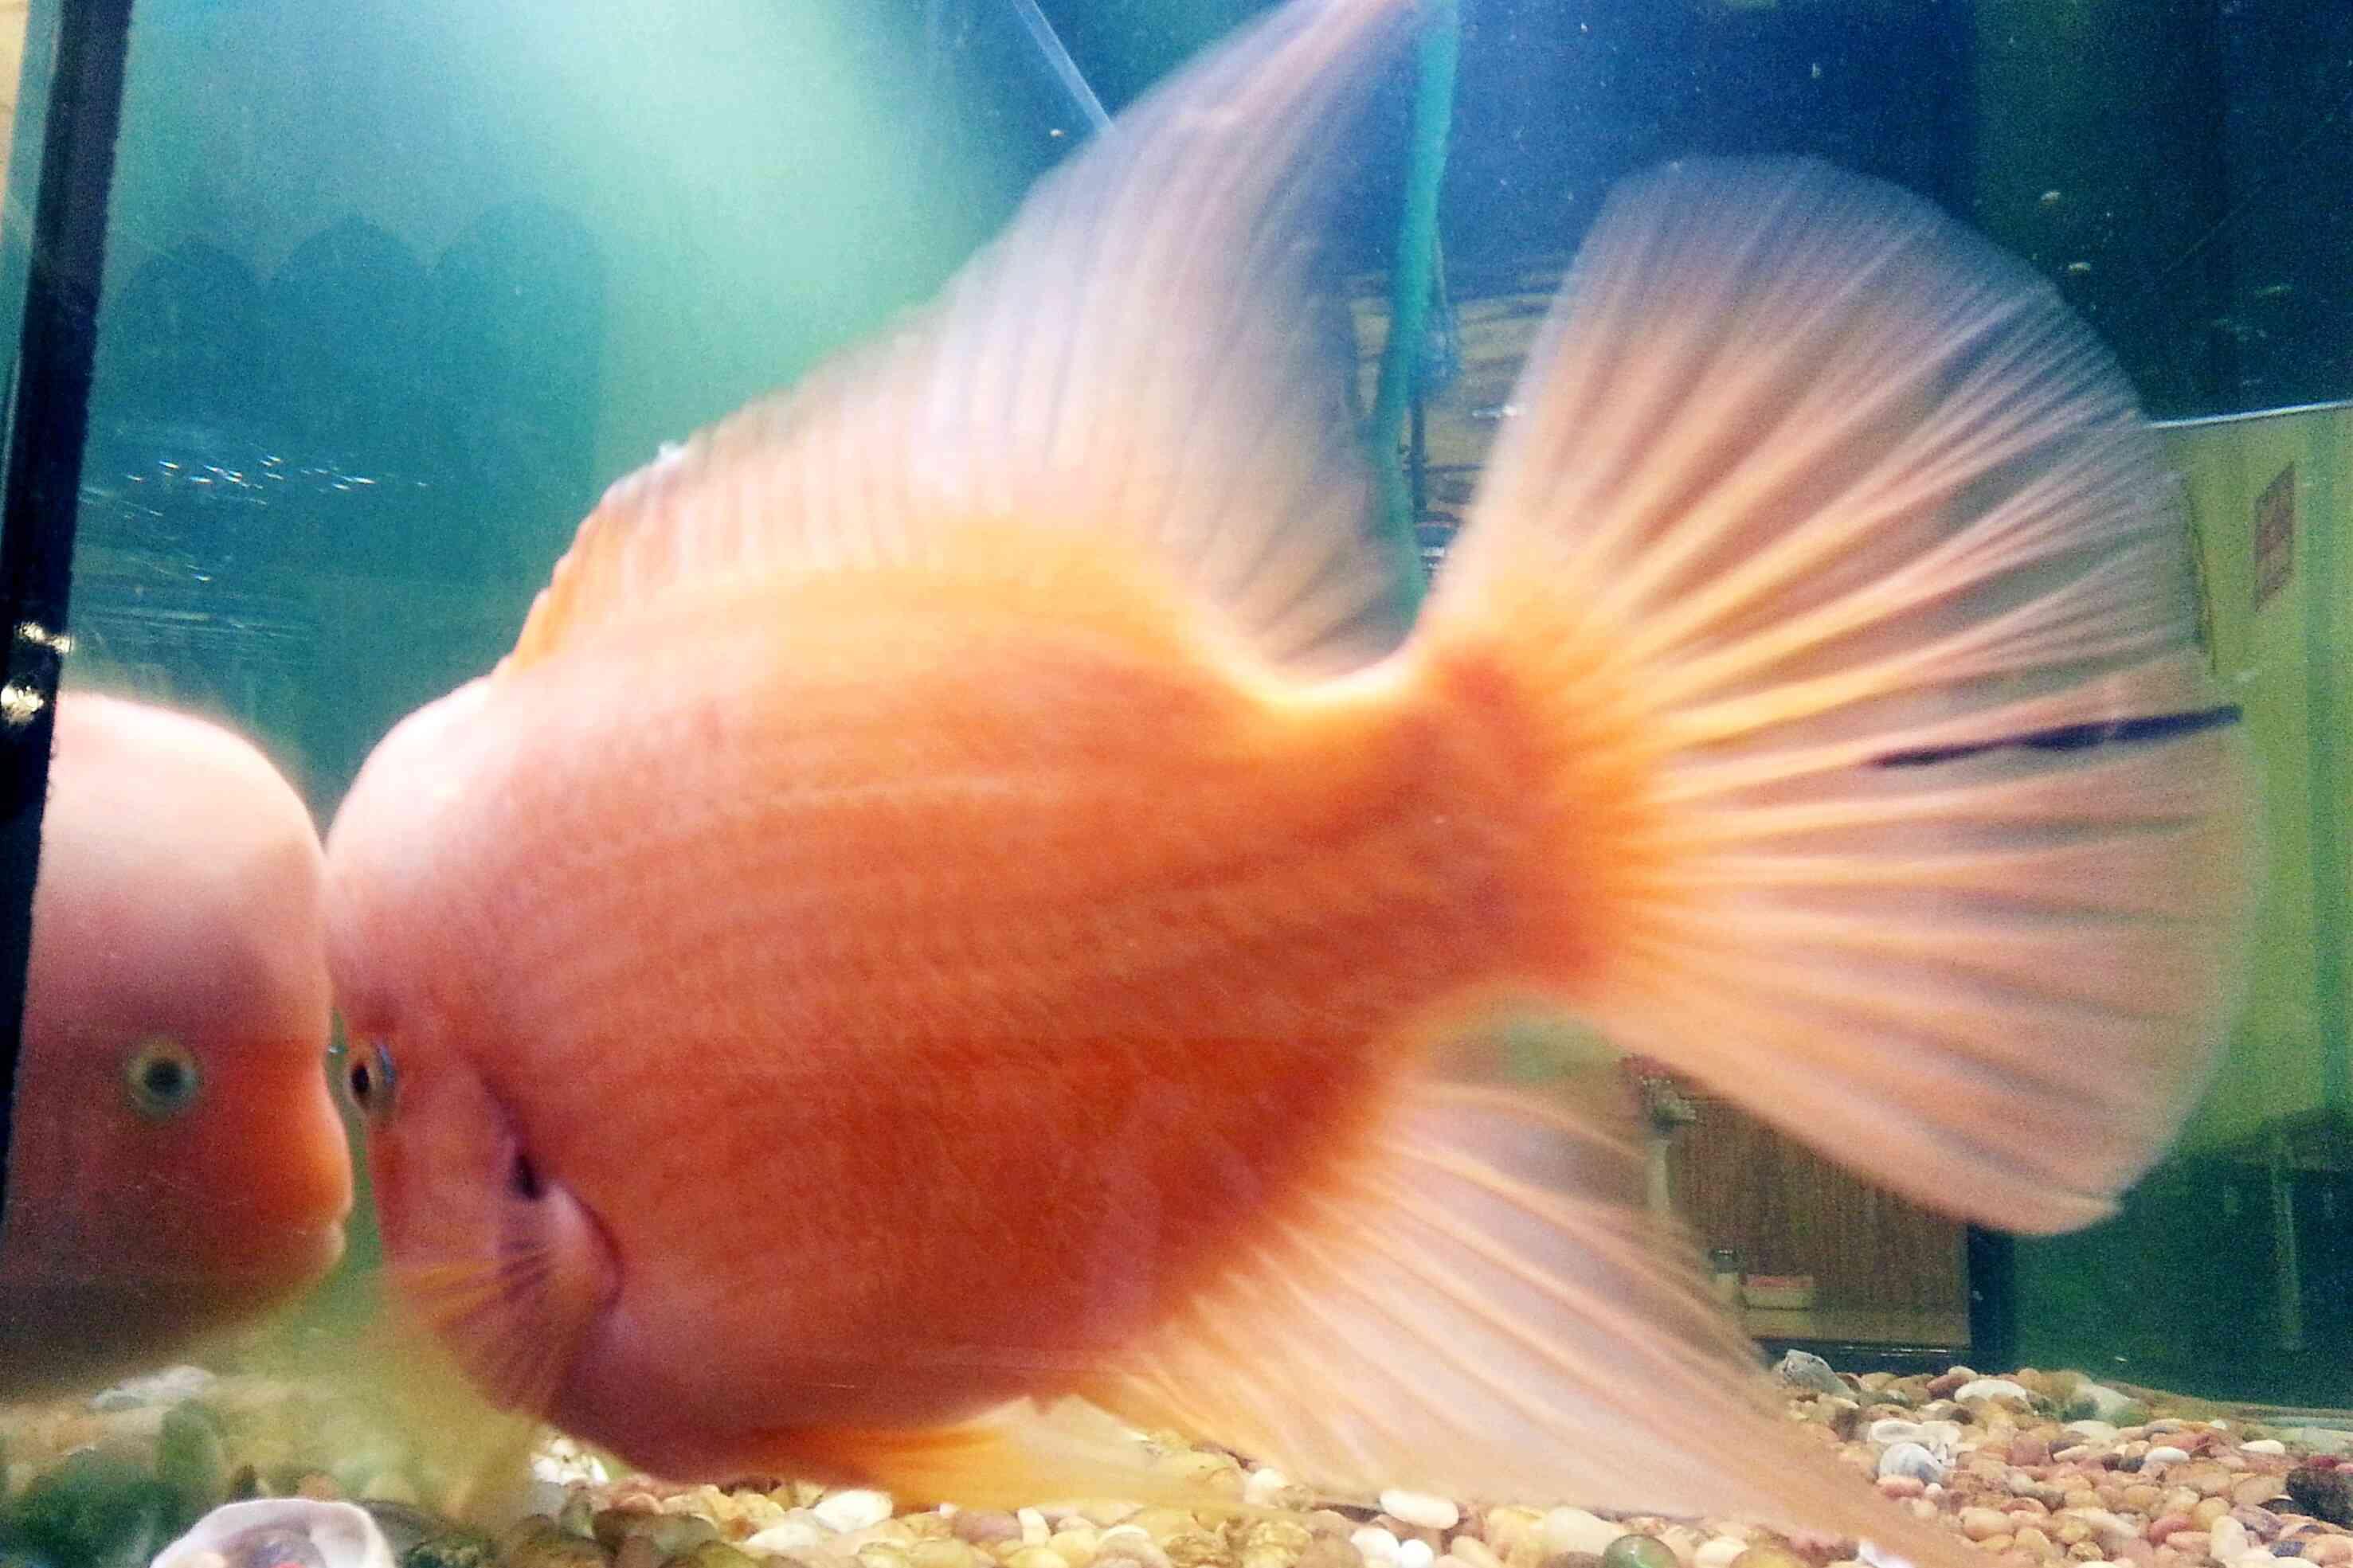 A cichlid in an aquarium